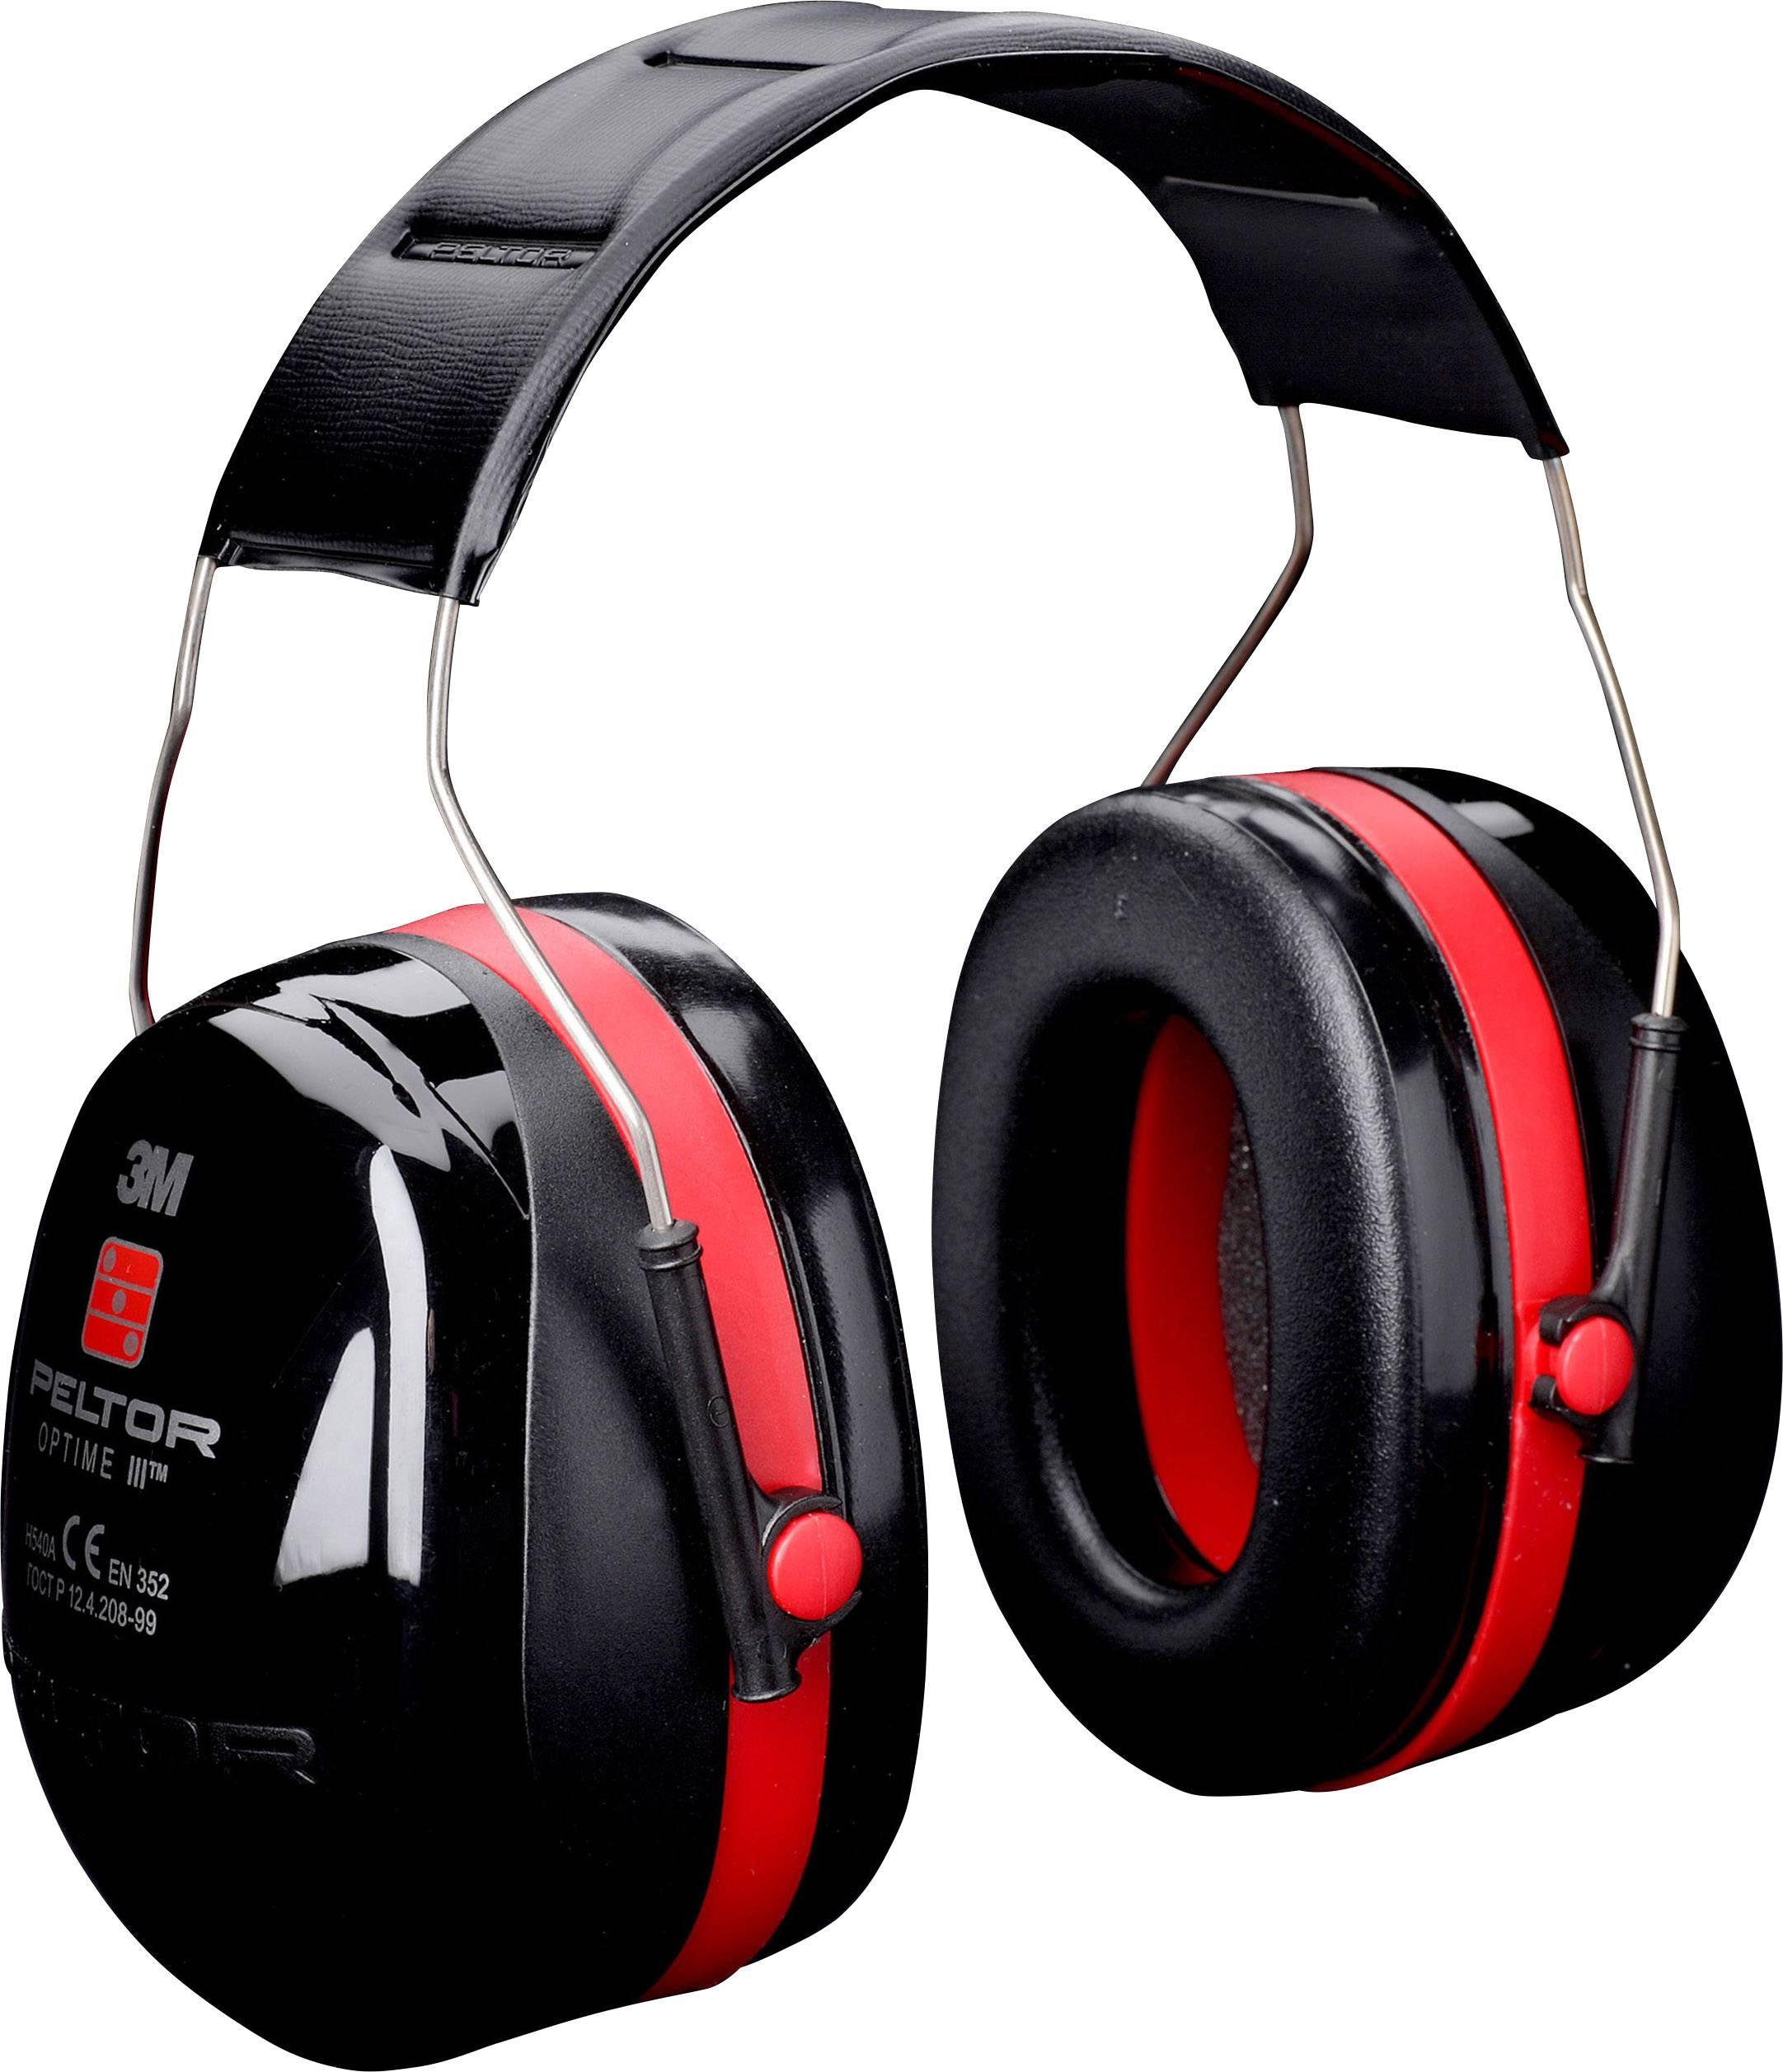 Mušlový chránič sluchu 3M Peltor OPTIME III H540A, 35 dB, 1 ks